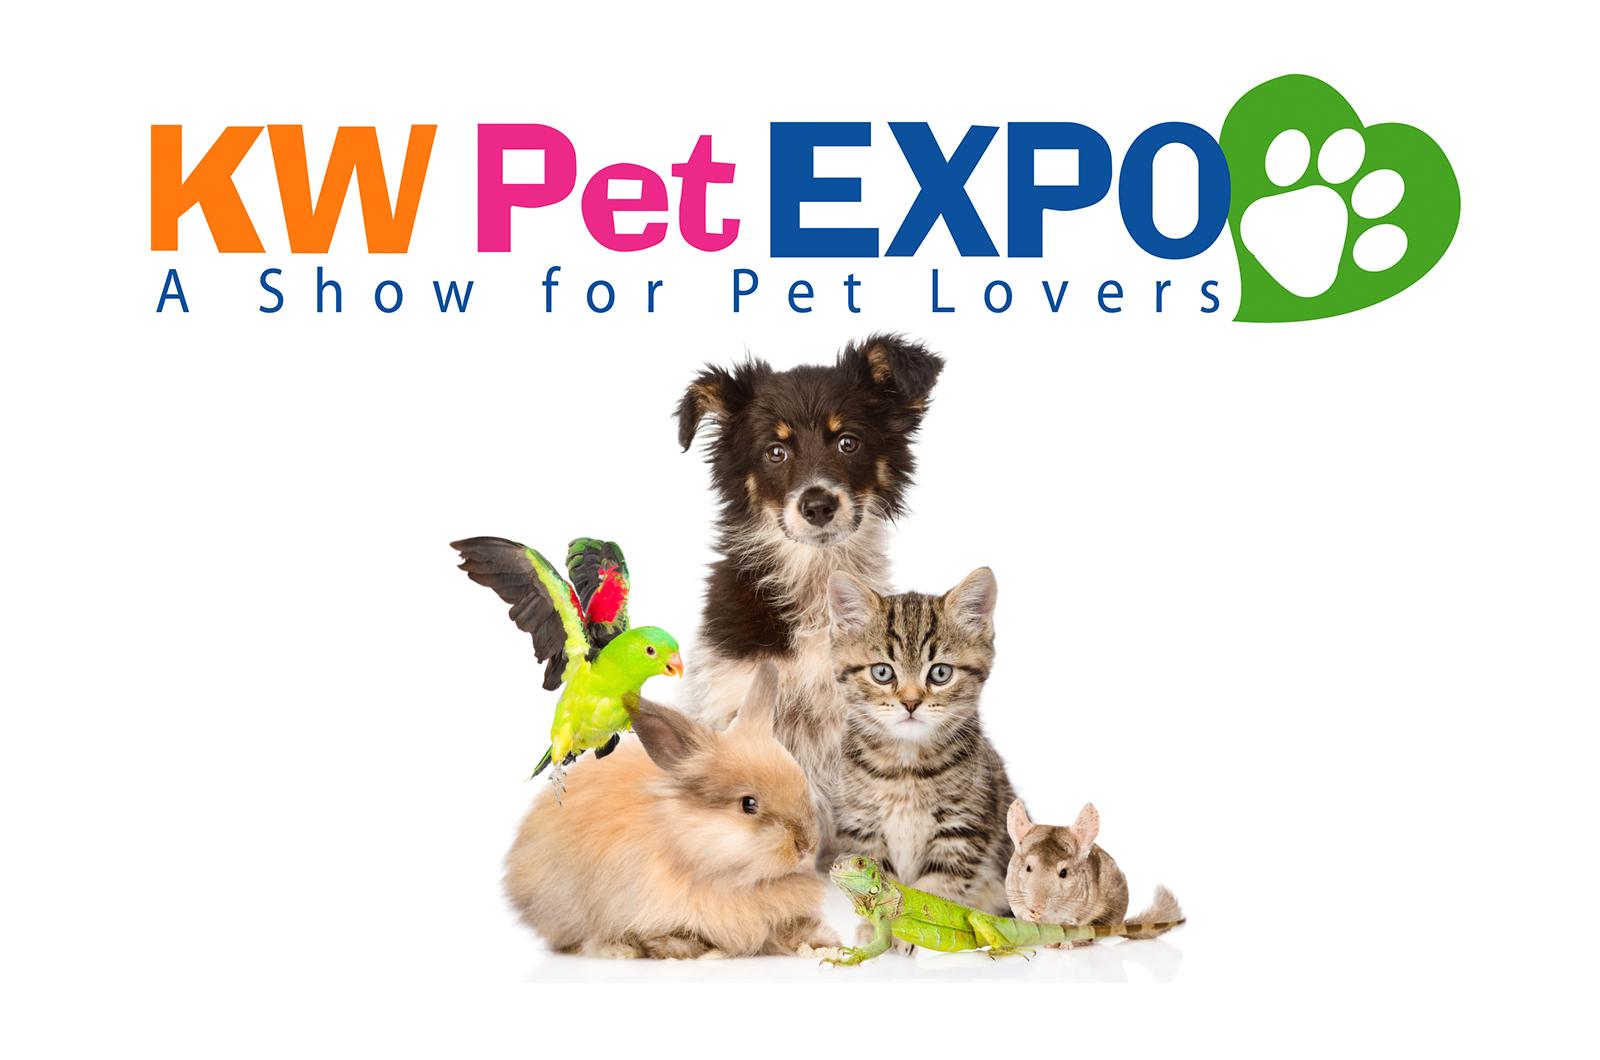 KW Pet Expo